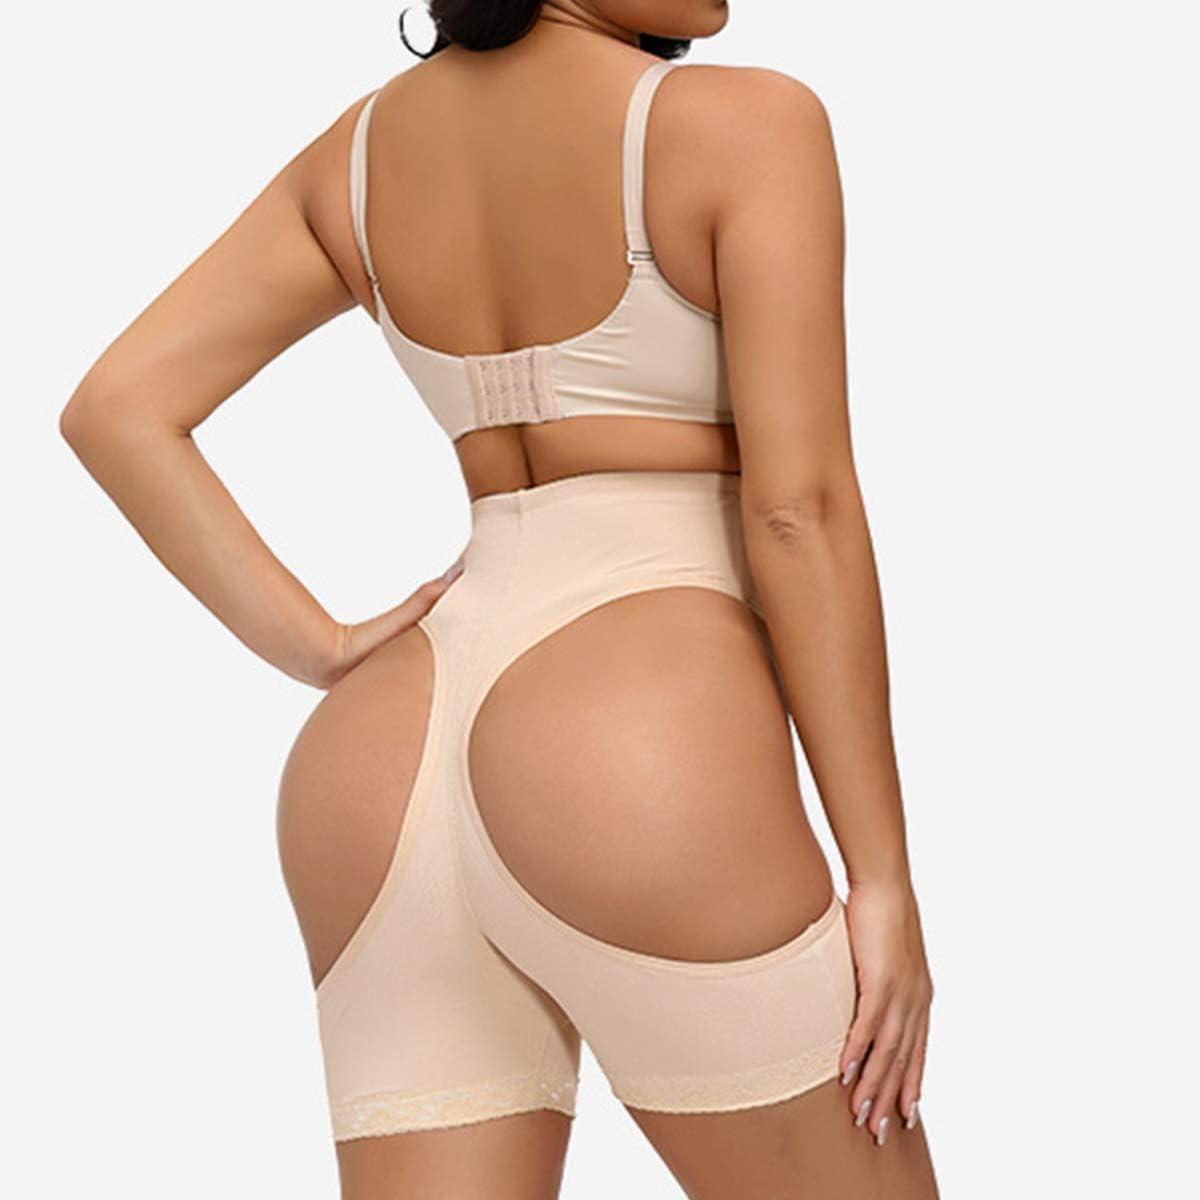 Hourglass Figure Butt Lifter Shaper Panties Women Butt Lifter Body Shaper Tummy Control Panties